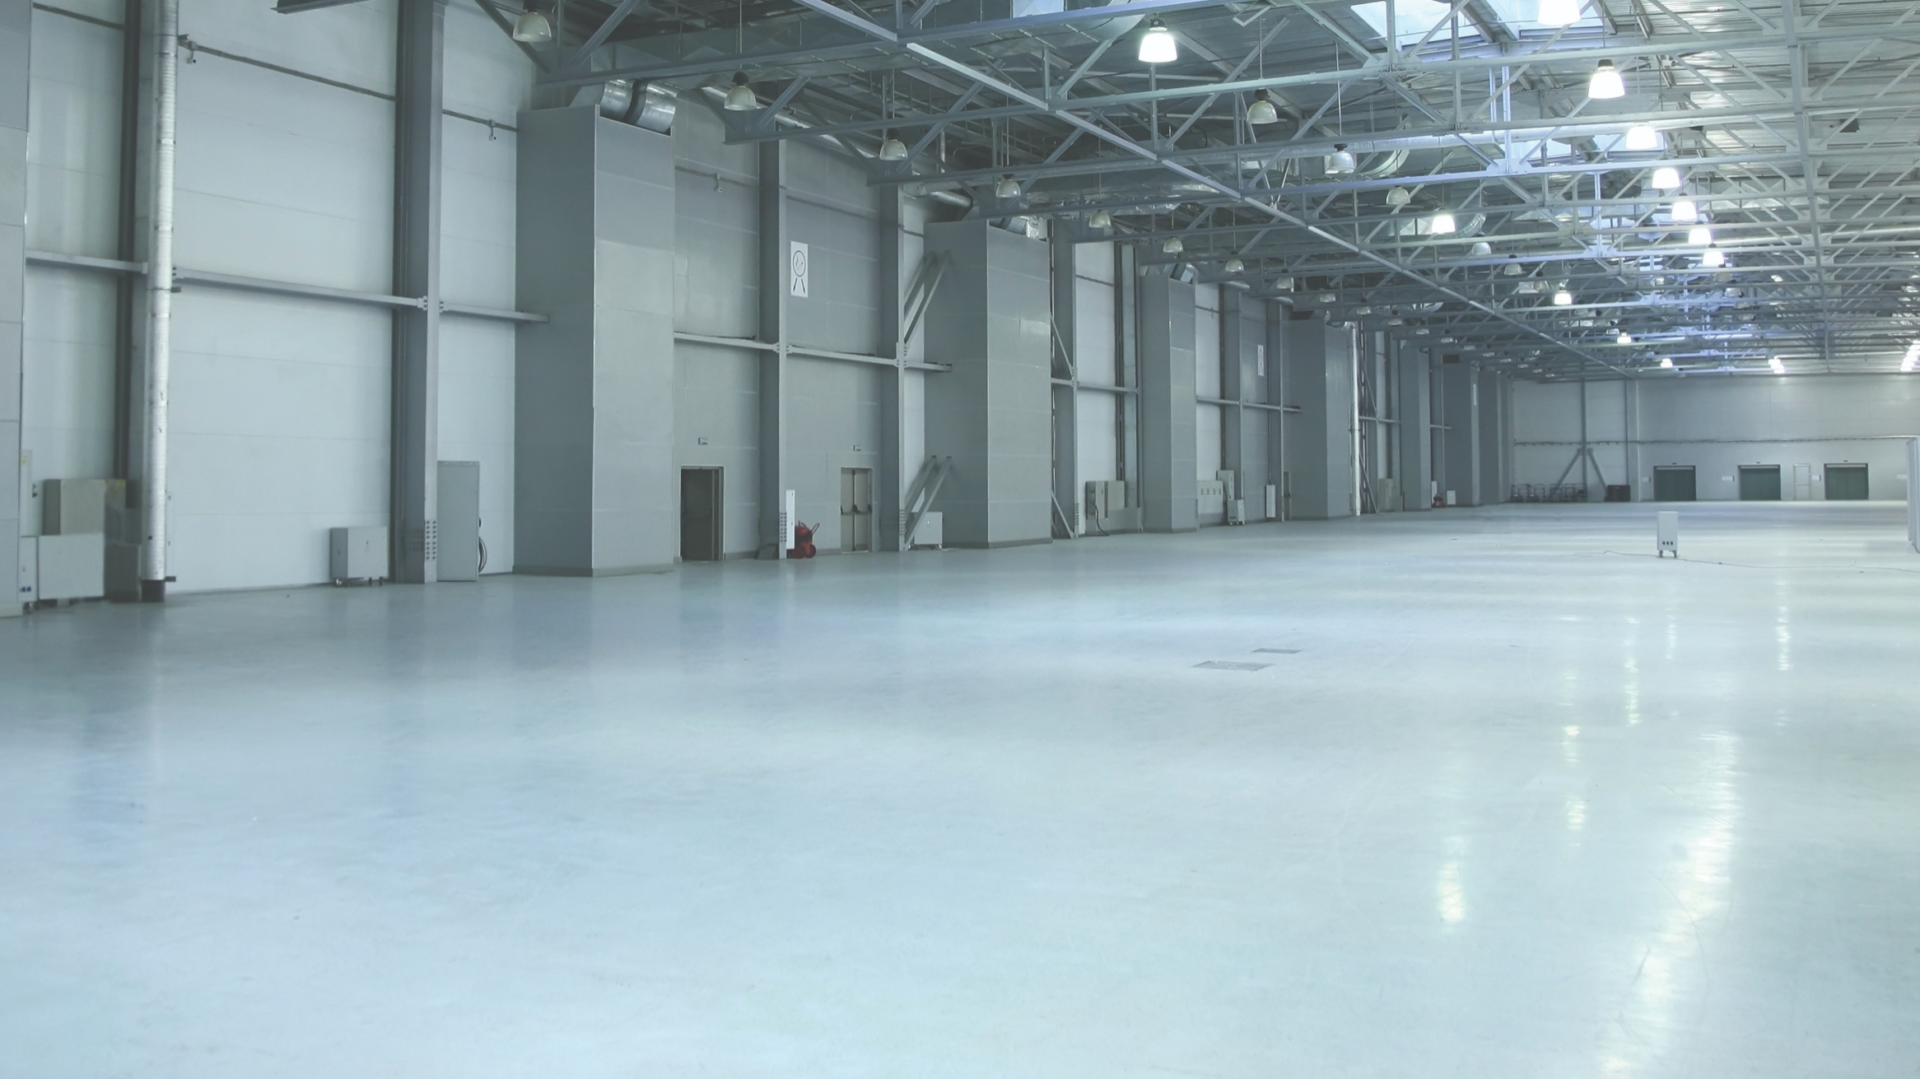 Vloerverven voor industriële toepassingen